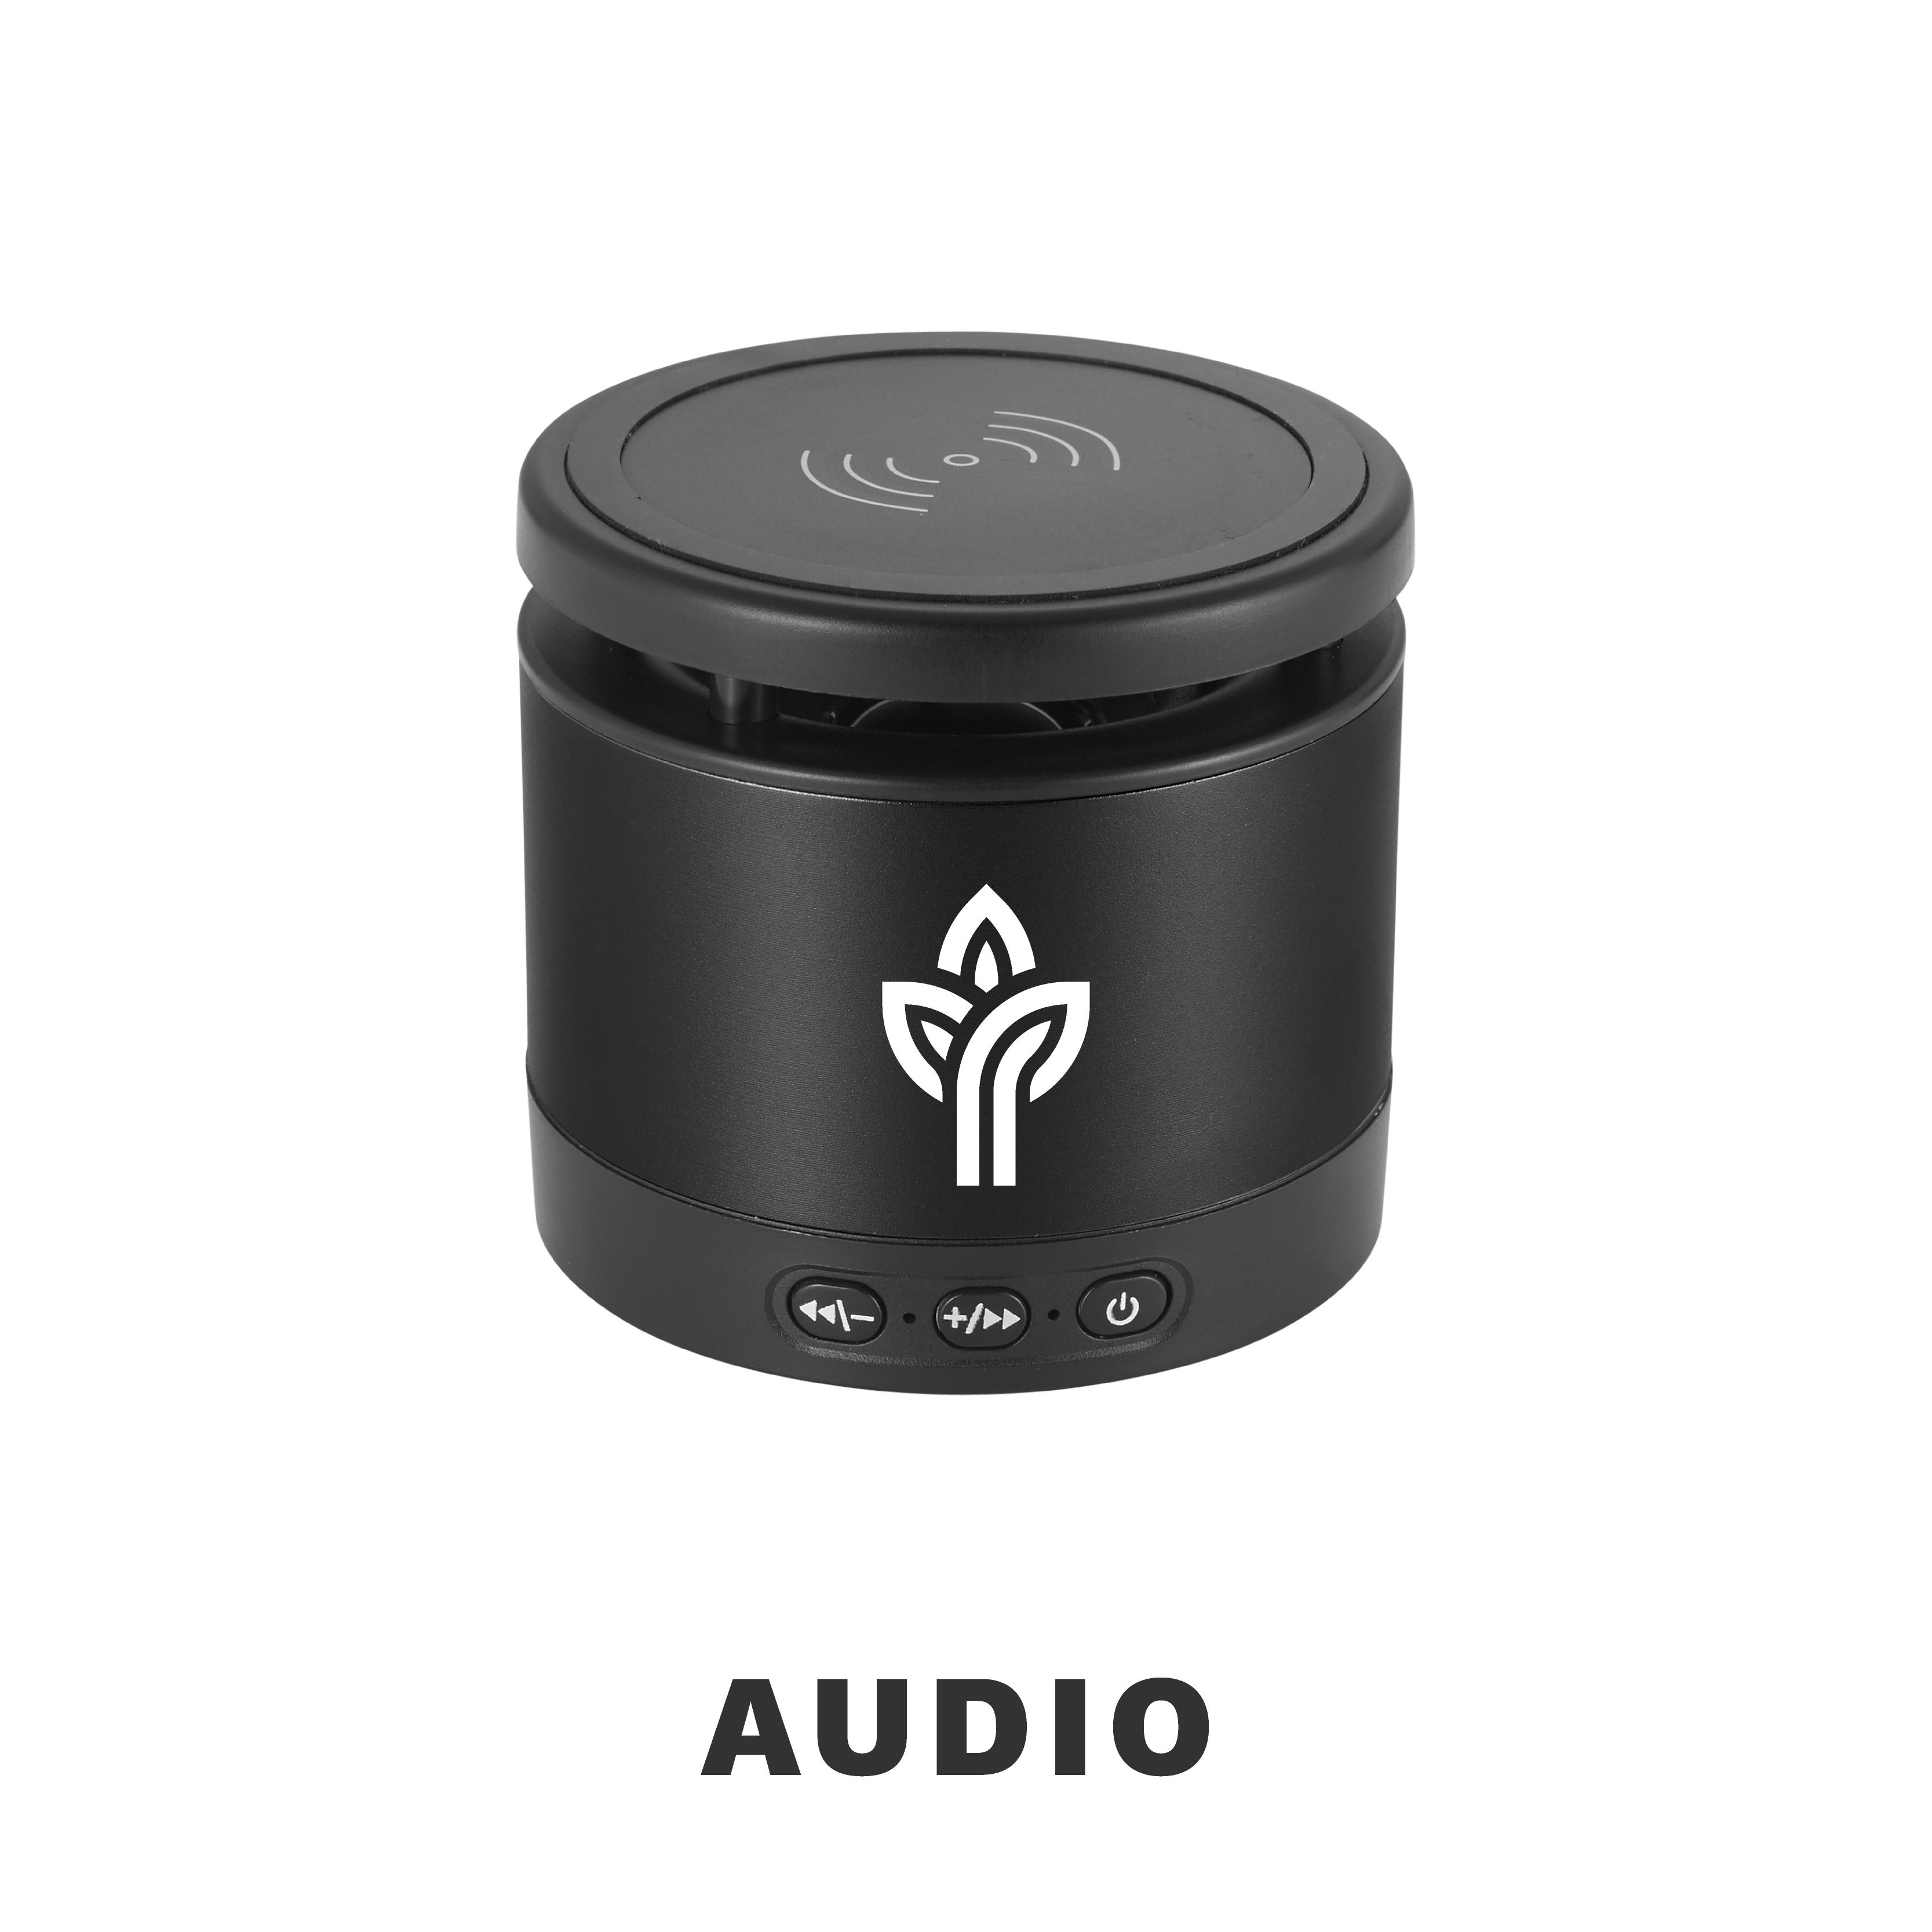 Your brand speaker